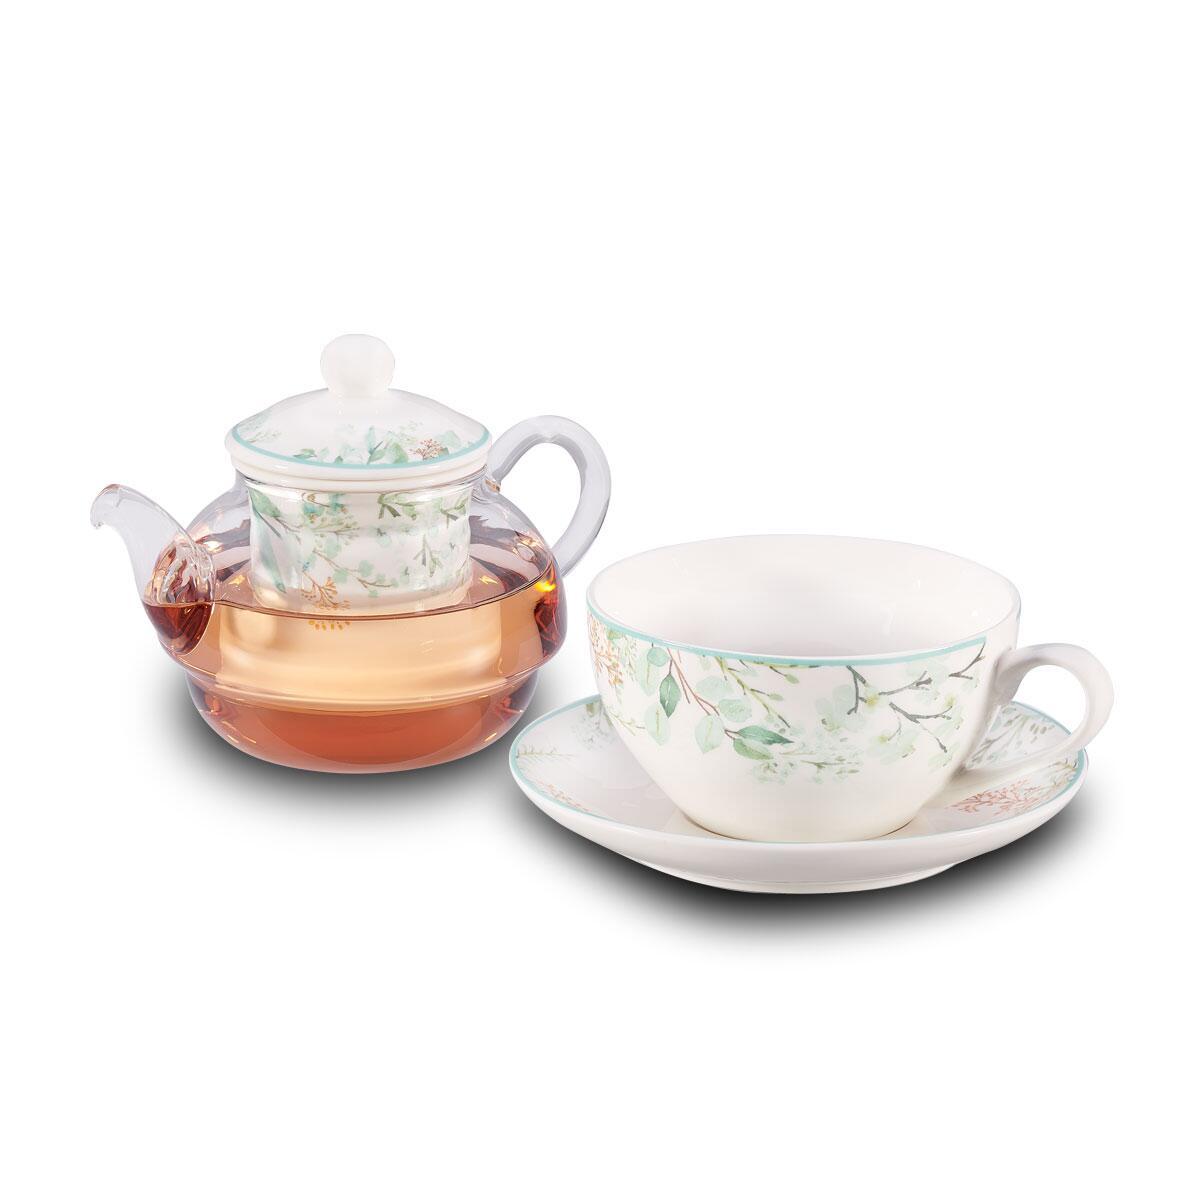 Korkmaz Spring 3lü Çay Takımı